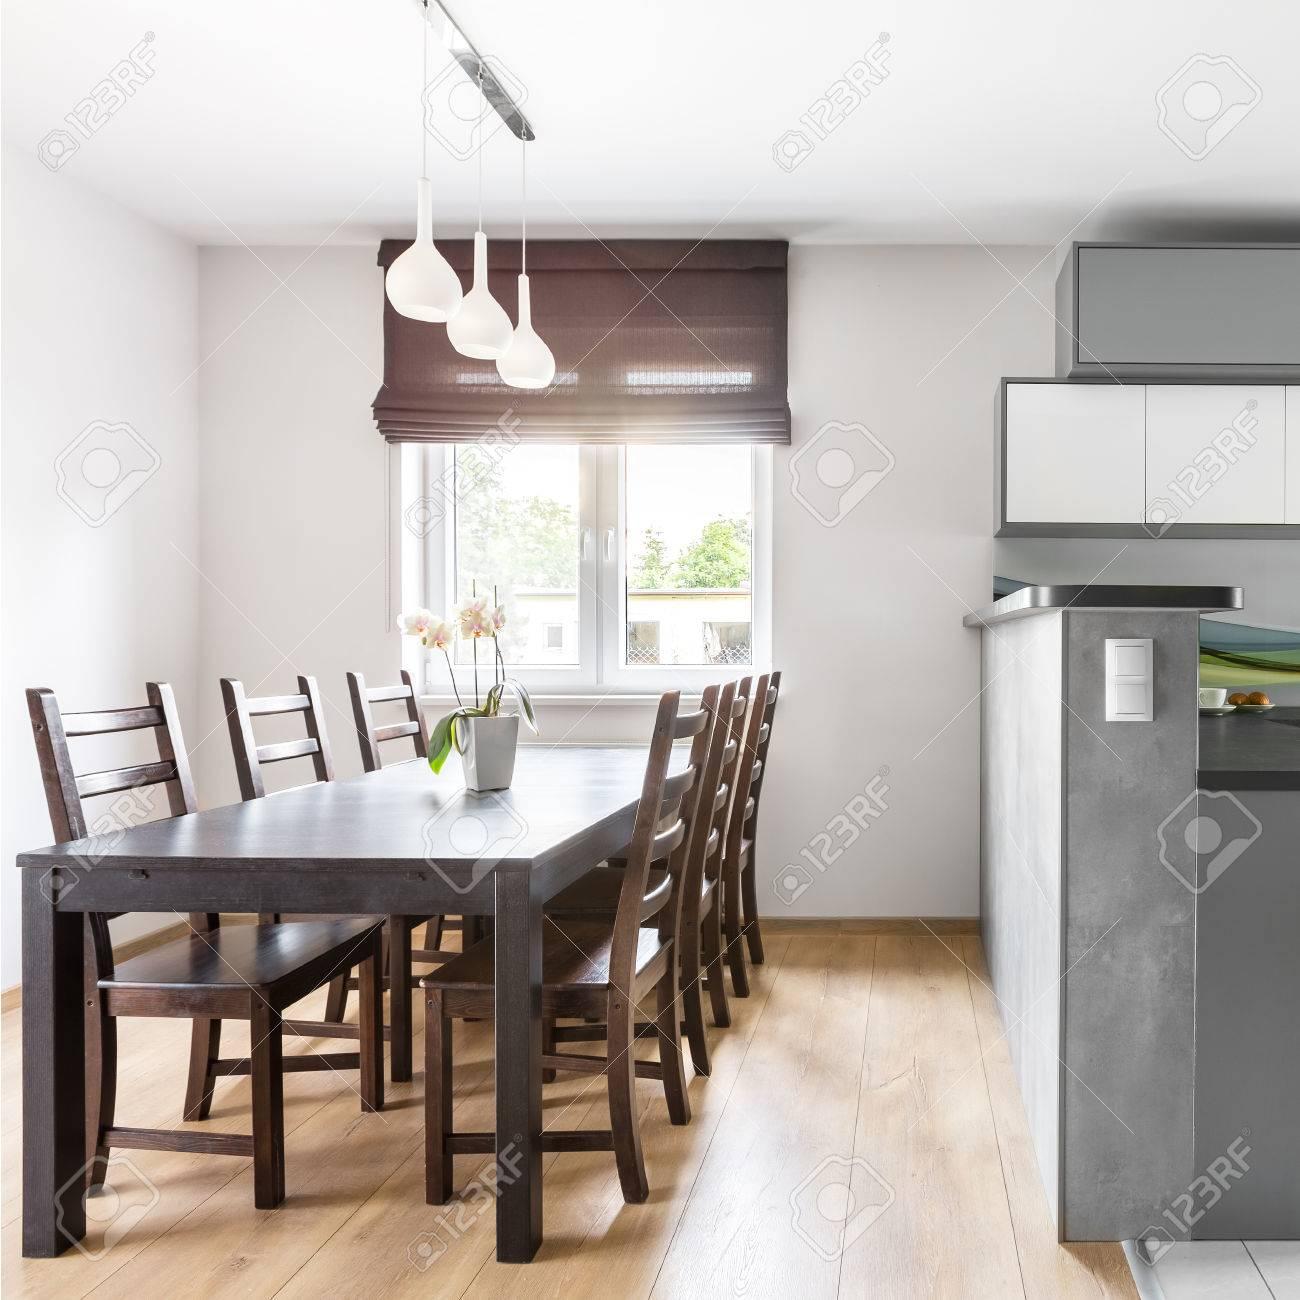 https://previews.123rf.com/images/in4mal/in4mal1701/in4mal170100081/69588163-interieur-moderne-villa-mit-licht-ger%C3%A4umige-k%C3%BCche-offen-zum-essbereich-mit-fenster.jpg